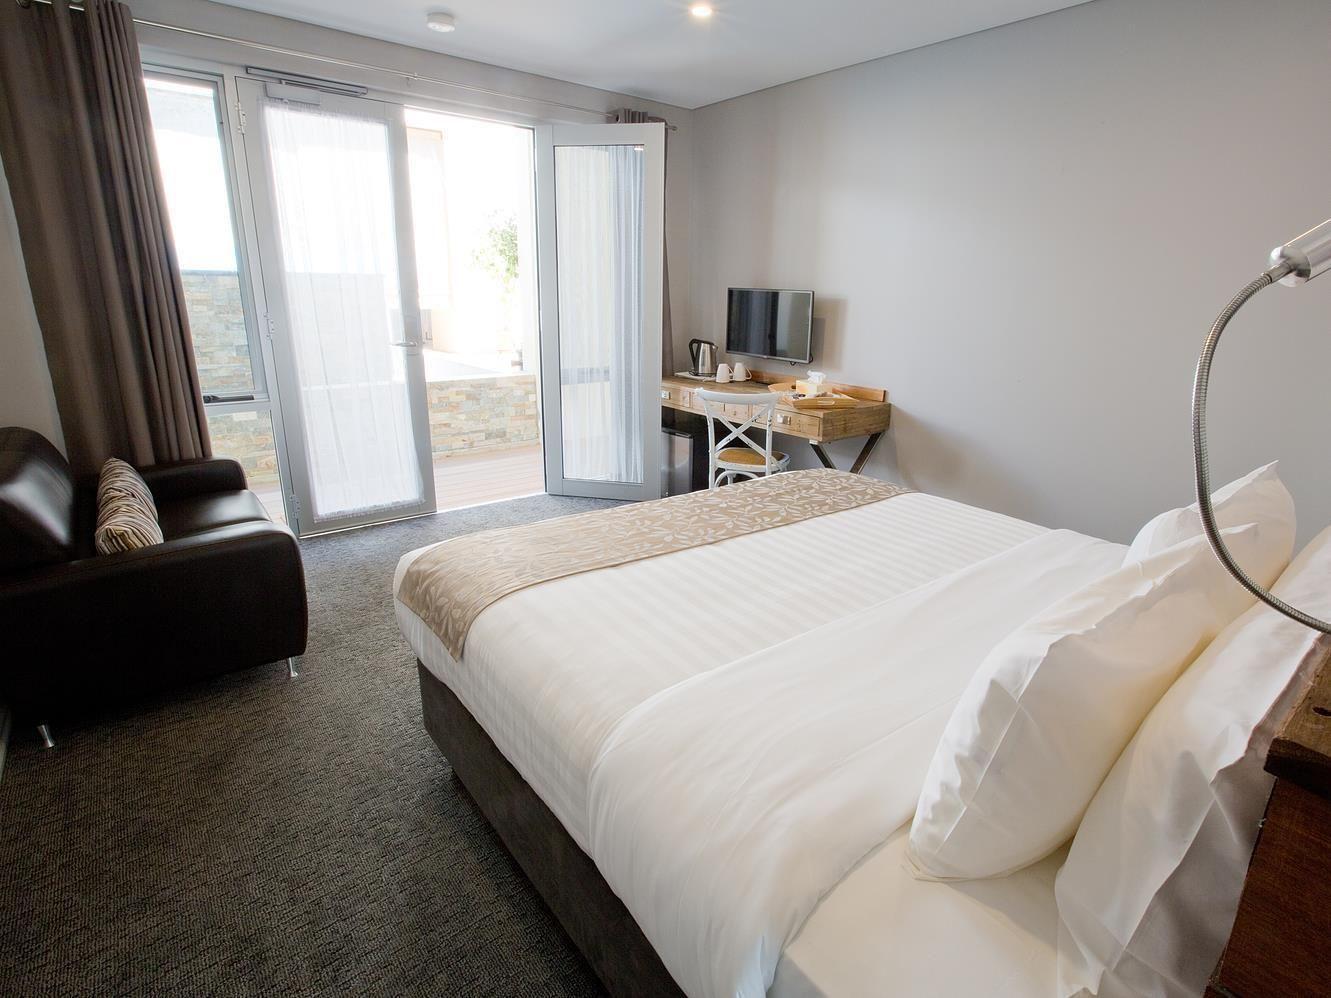 30 Arundel Accommodation Perth, Australia